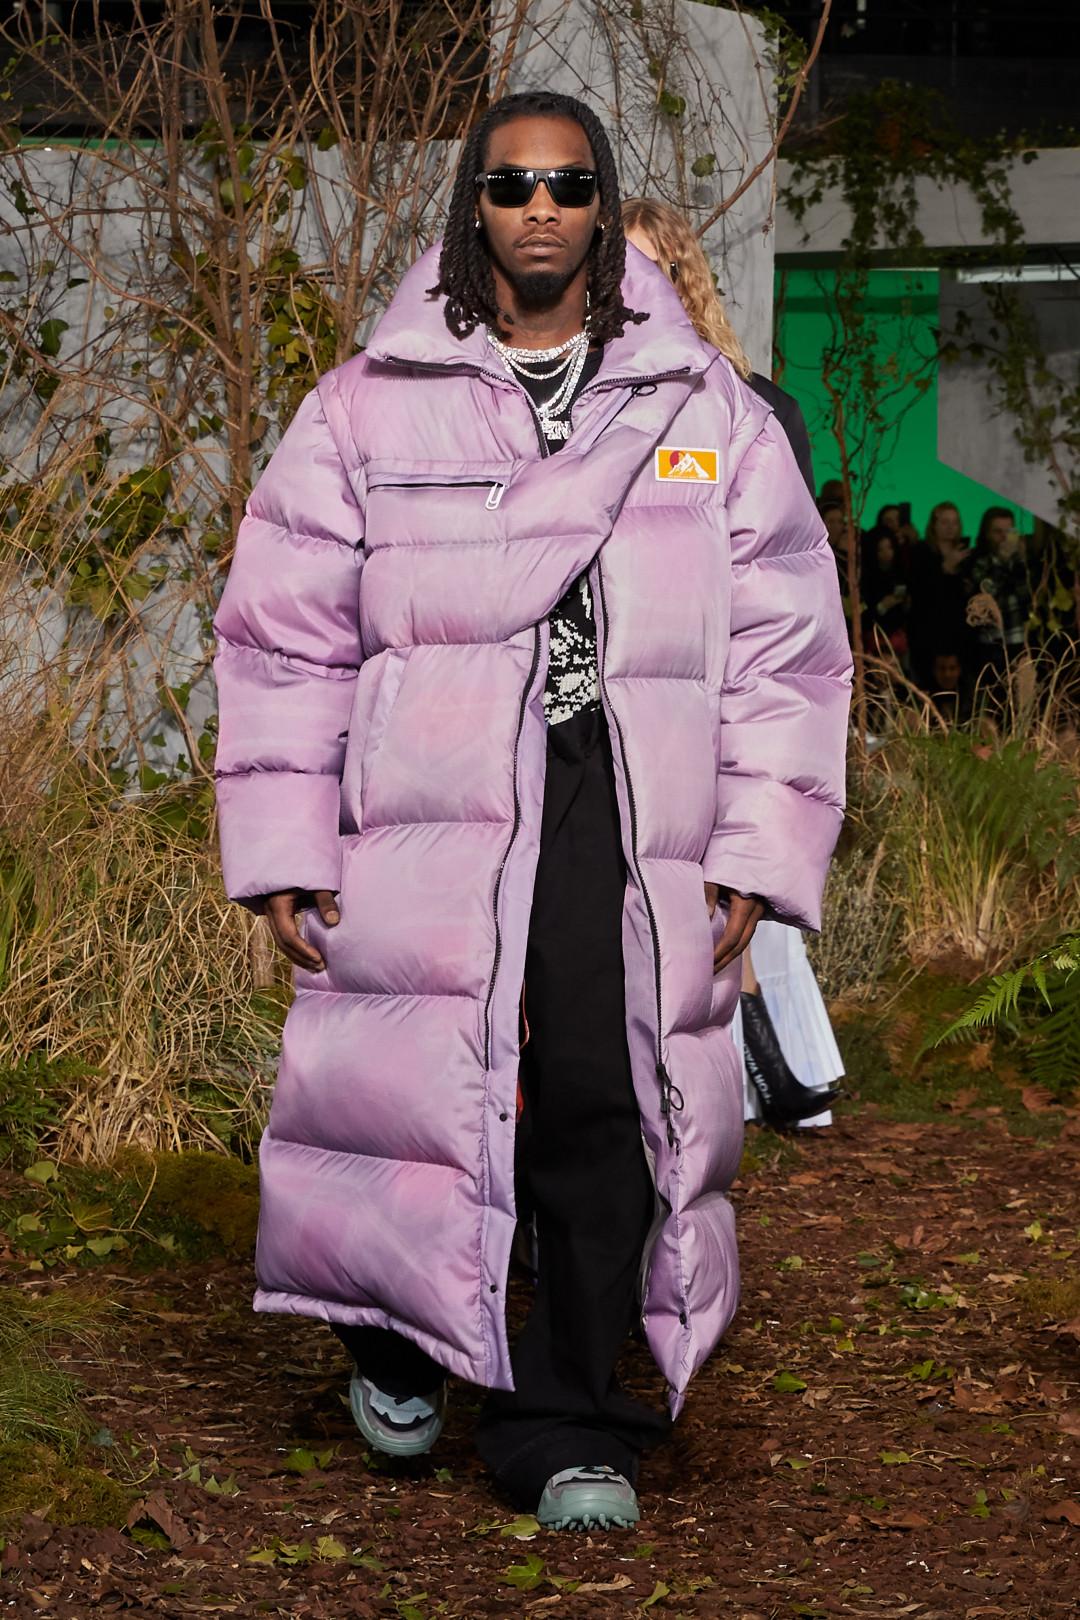 オフ-ホワイト c/o ヴァージル アブロー™2019-20年秋冬メンズコレクション